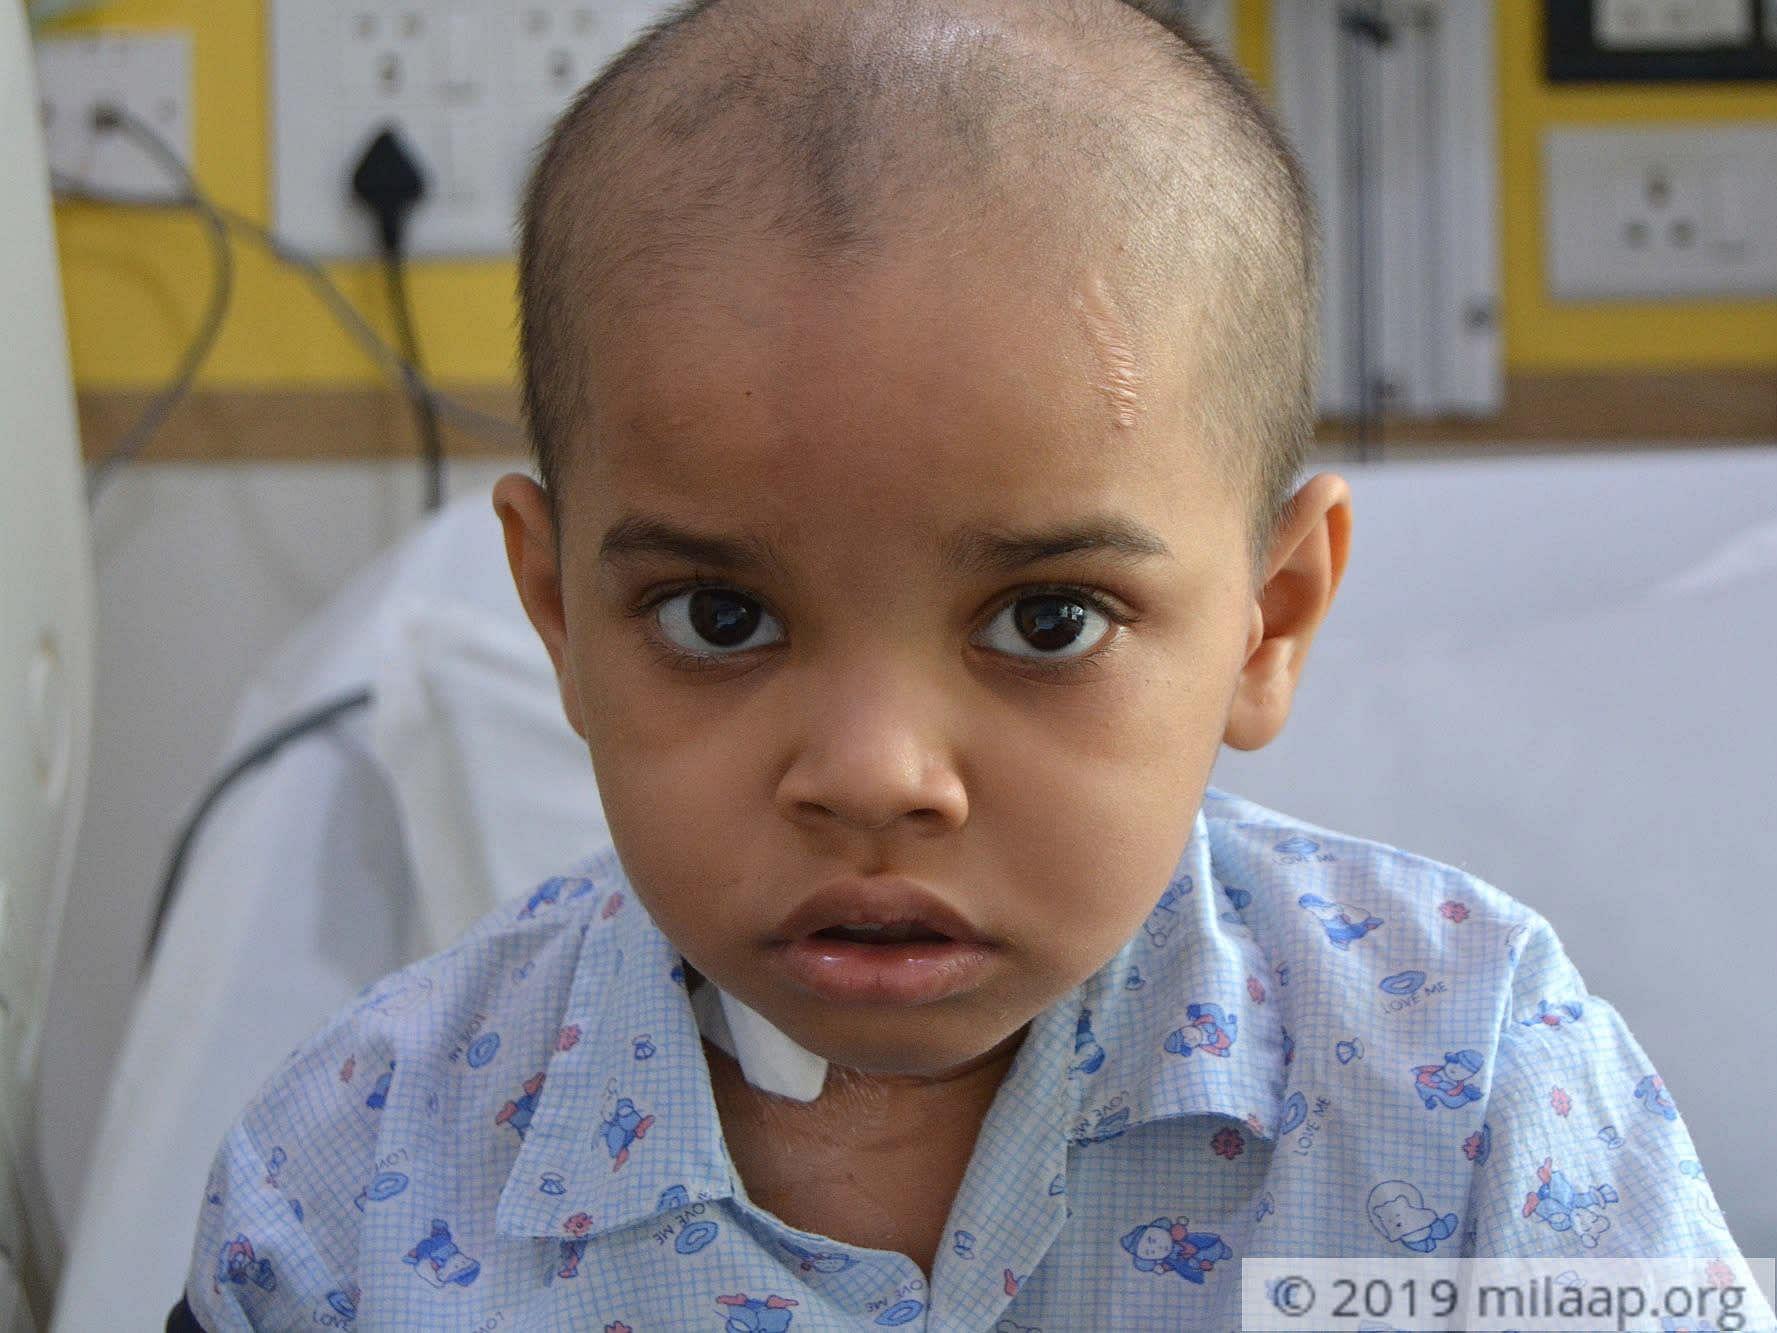 Aarush surya hospital 02 jkngdt 1574139330 ctsgc4 1575112816